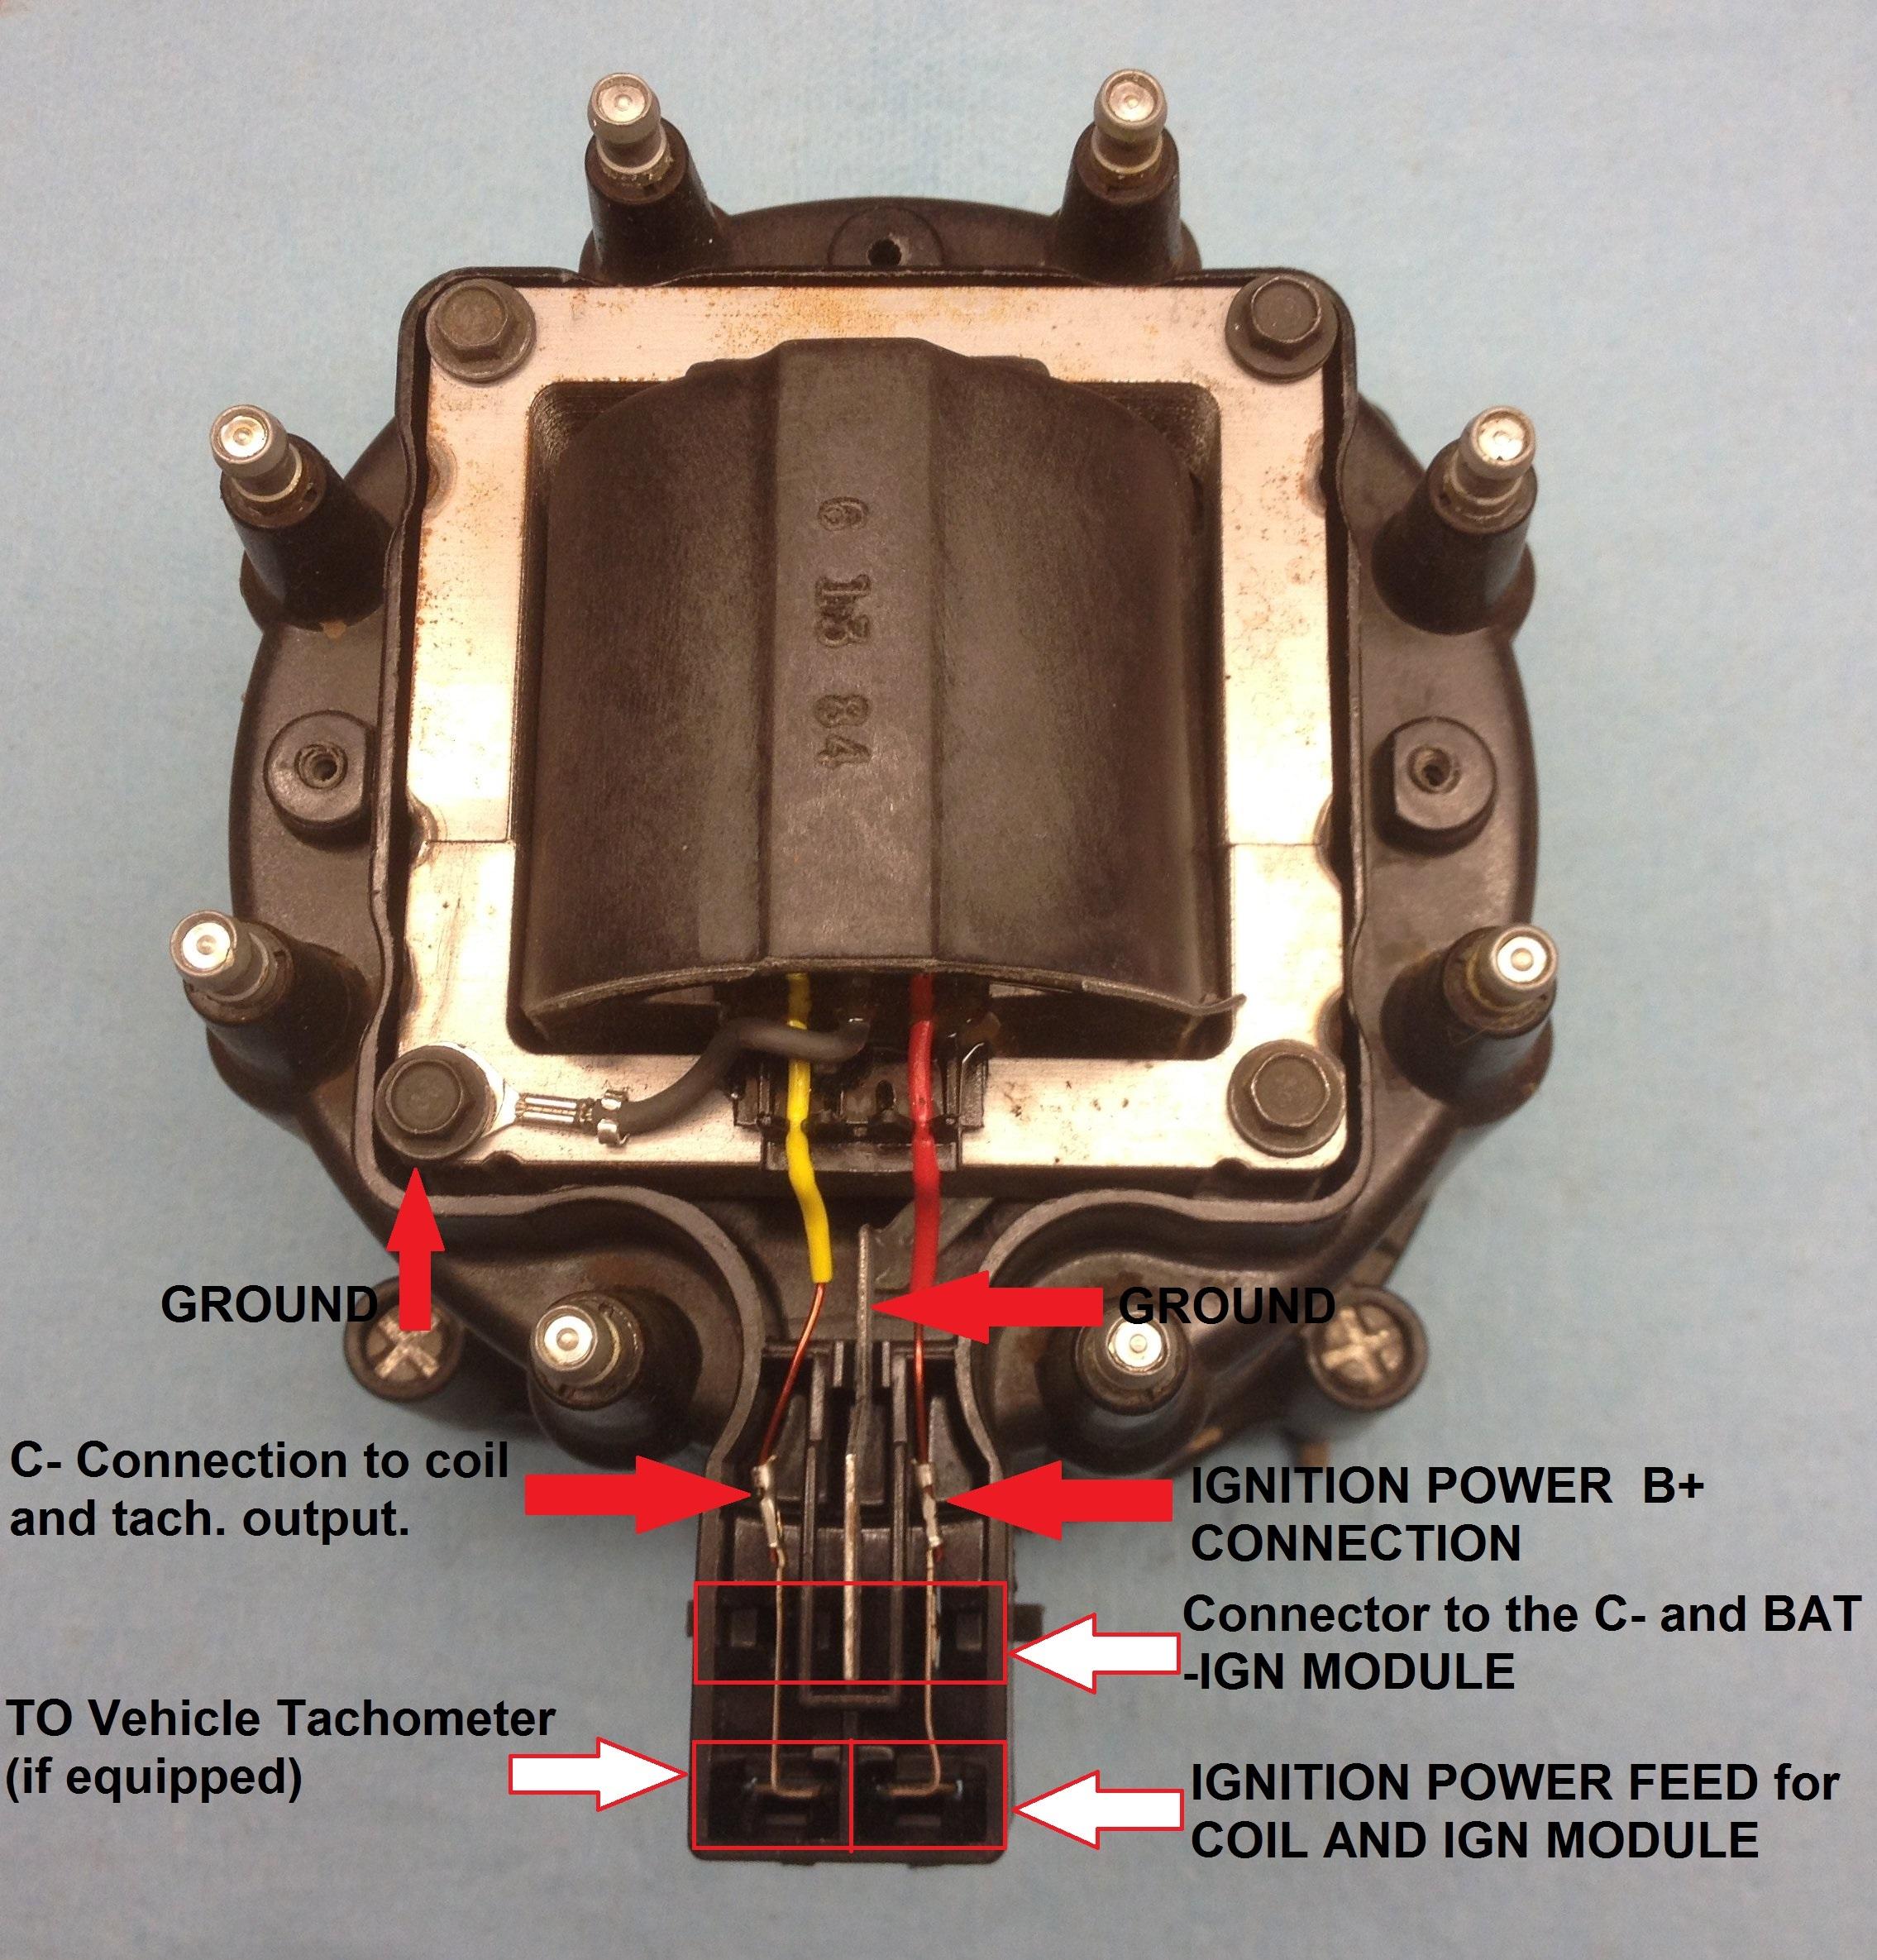 Hei Coil Wiring Diagram | Manual E-Books - Hei Wiring Diagram